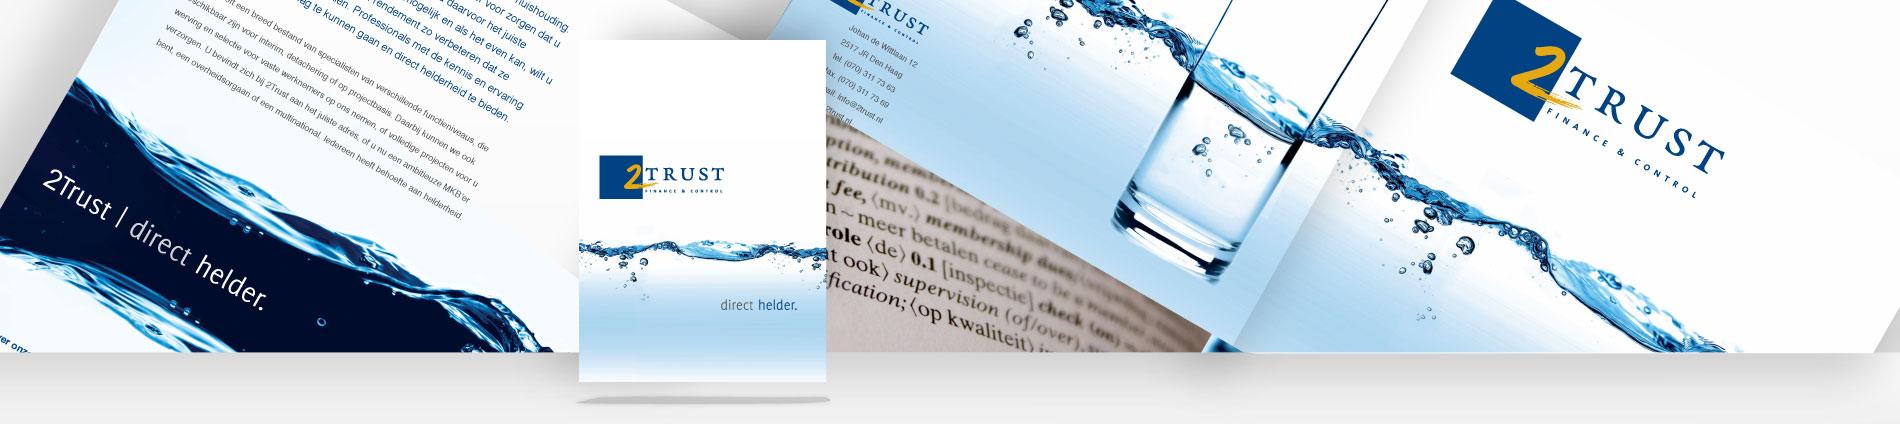 2trust, brochure laten maken, brochure ontwerp, brochure design, vormgeving brochure